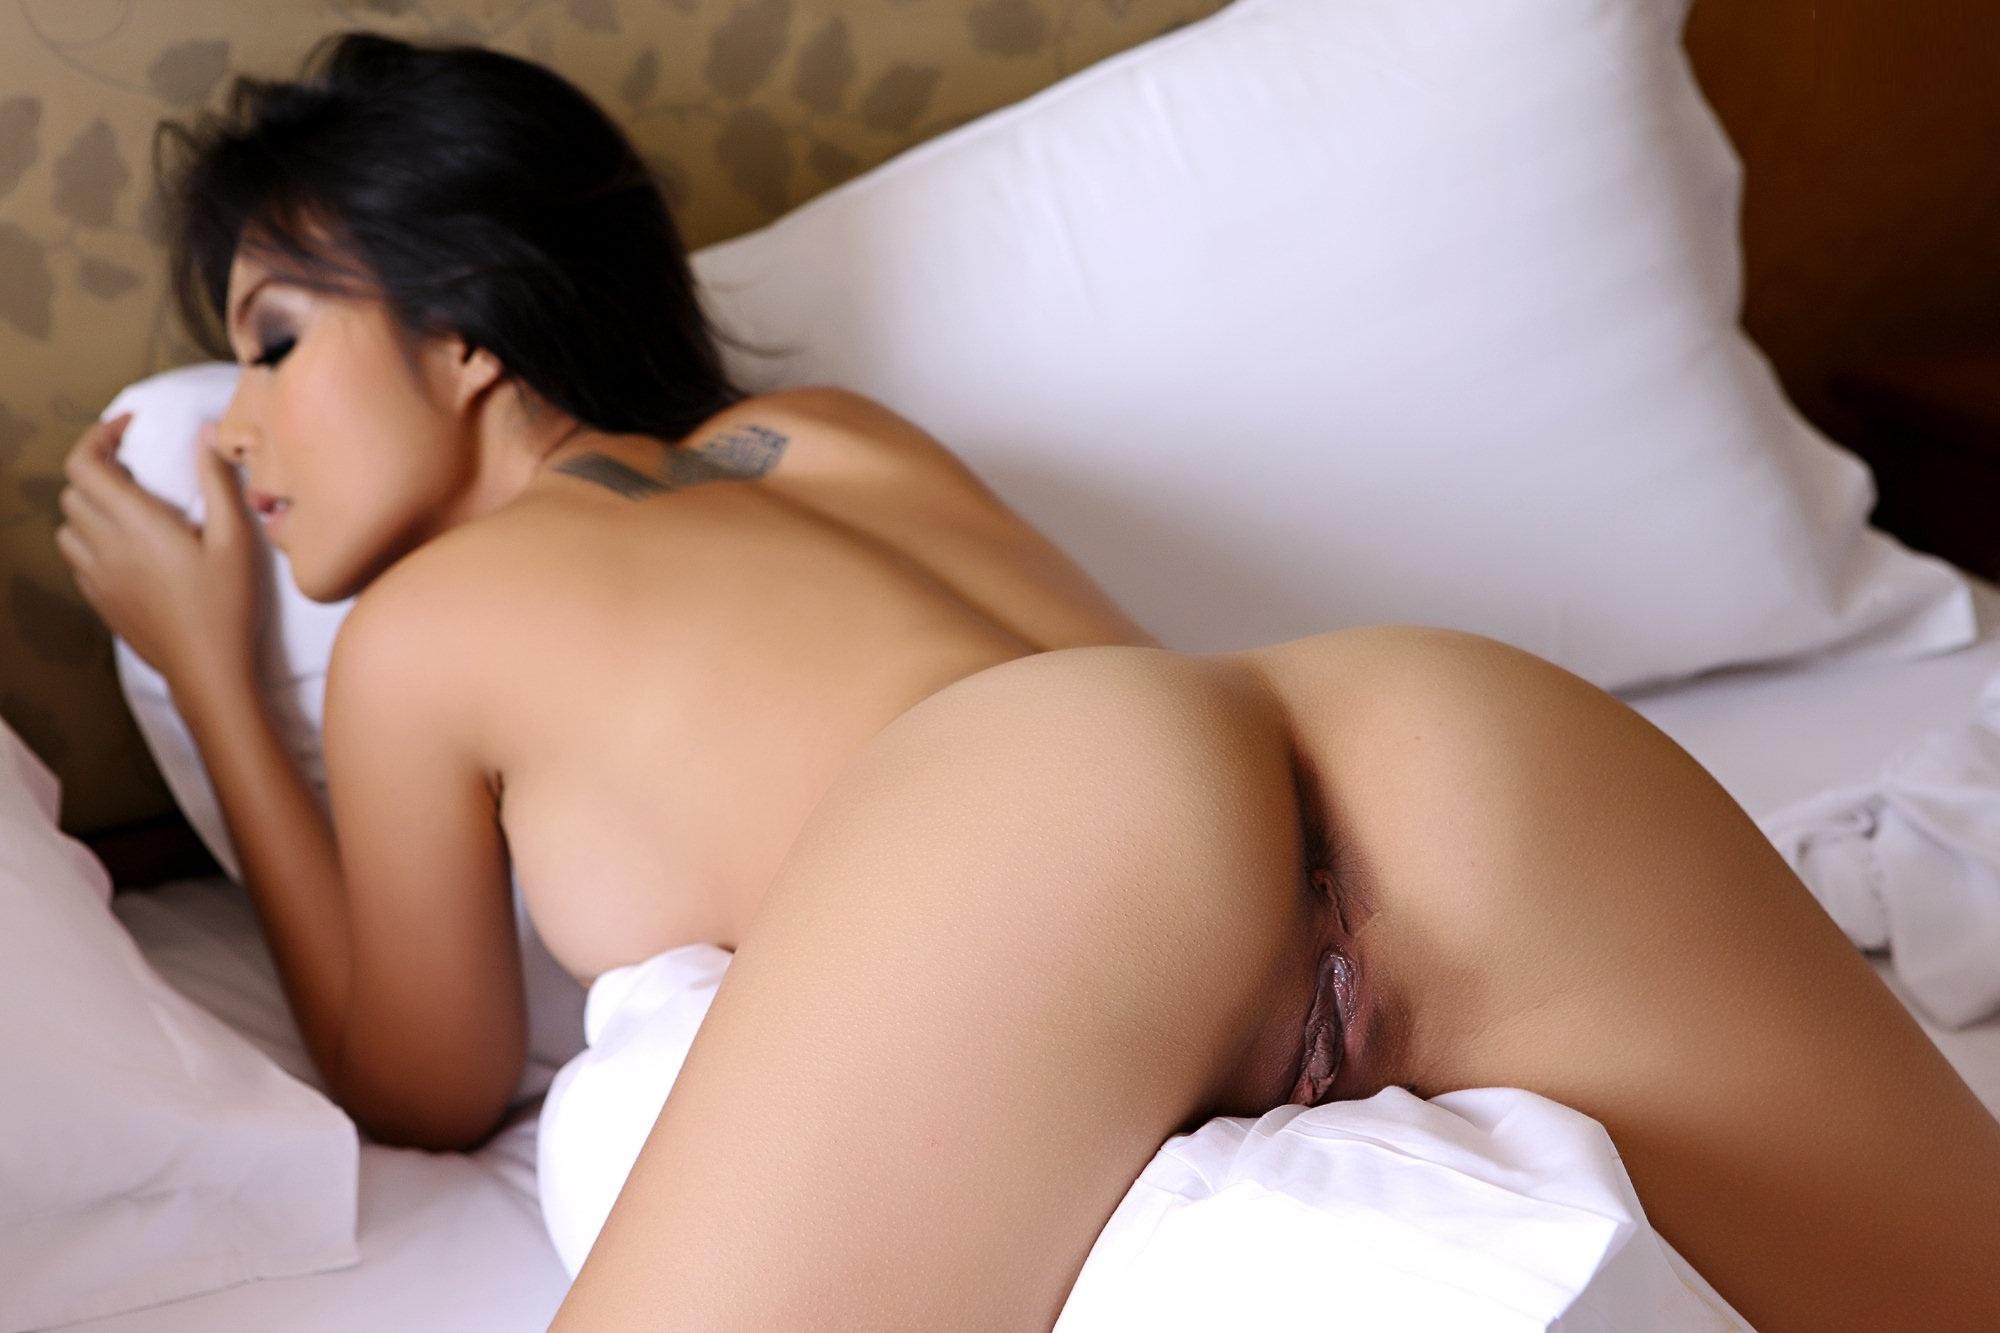 Asian ass nude women